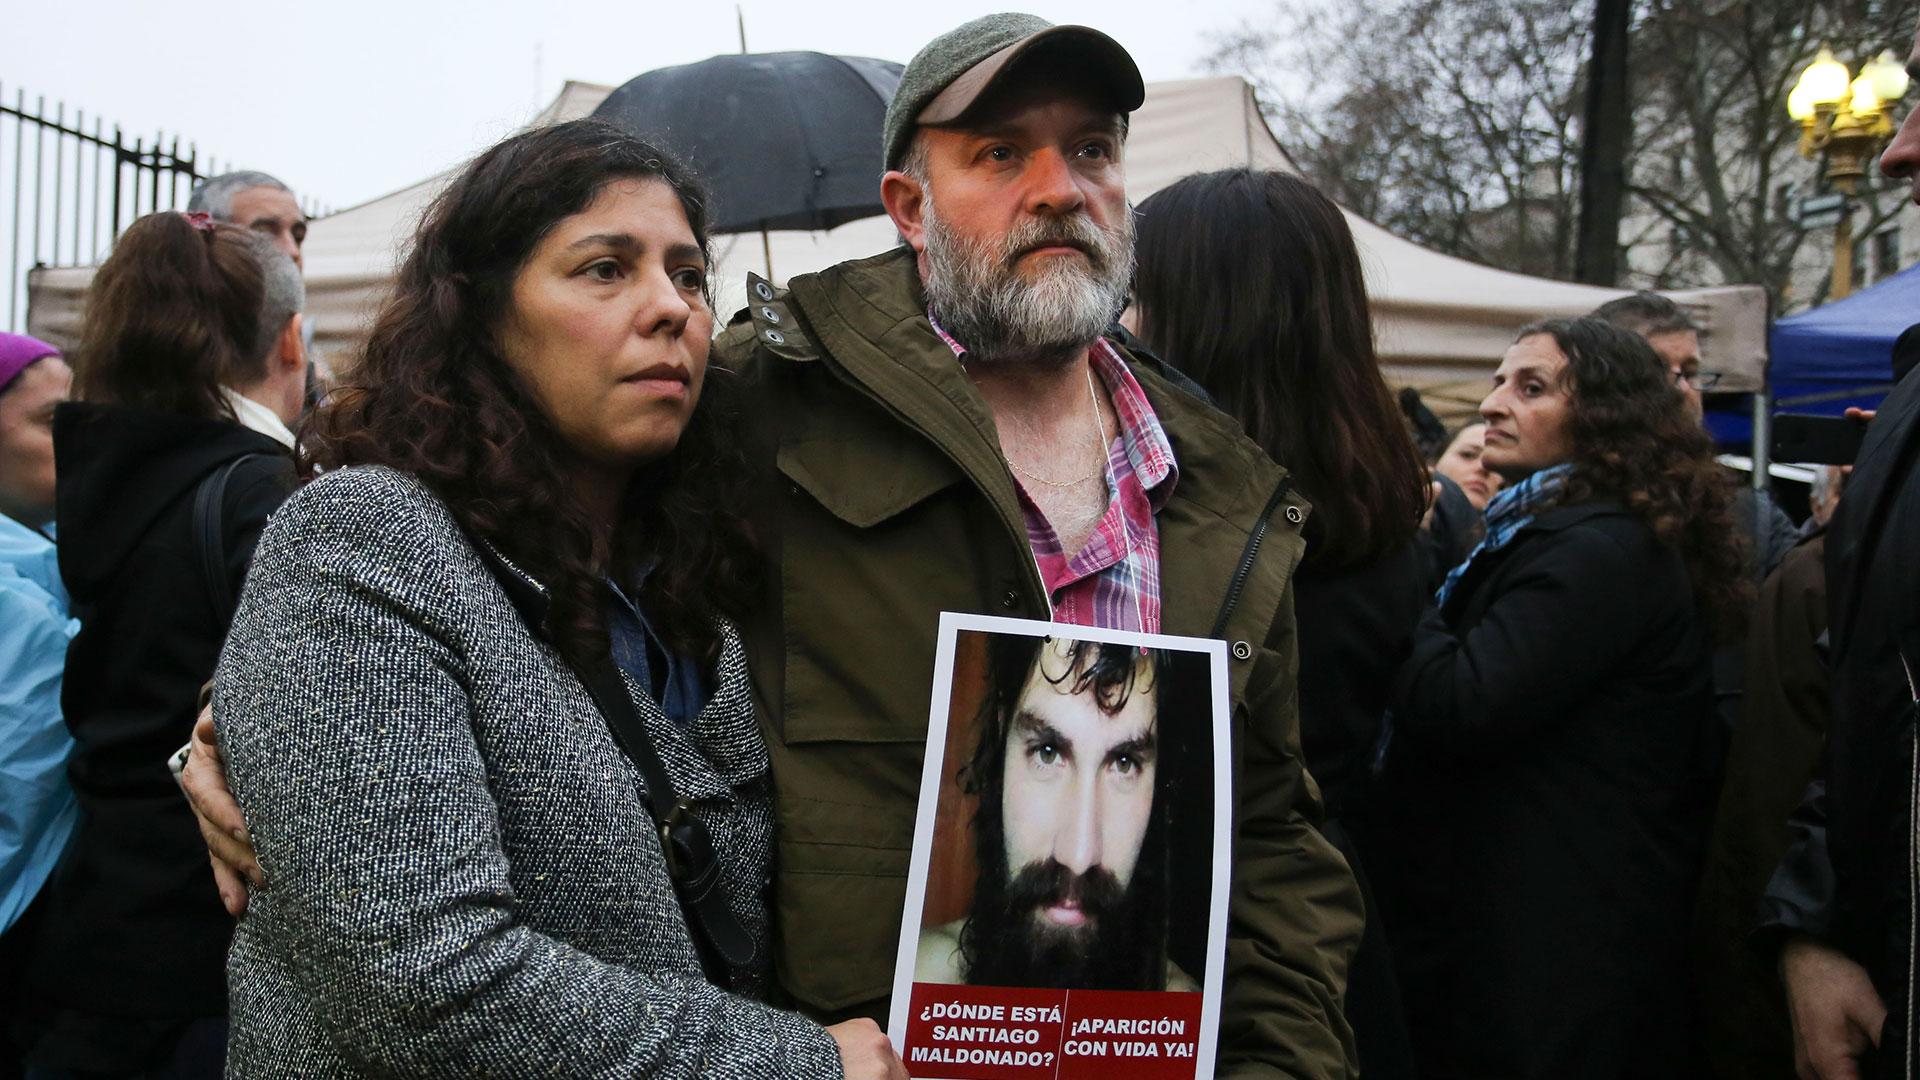 Серхио Малдонадо, единият от двамата по-големи братя на момчето, заедно с жена си по време на една от демонстрациите с искане за изясняване на съдбата на Сантяго. Снимка: Diario tag